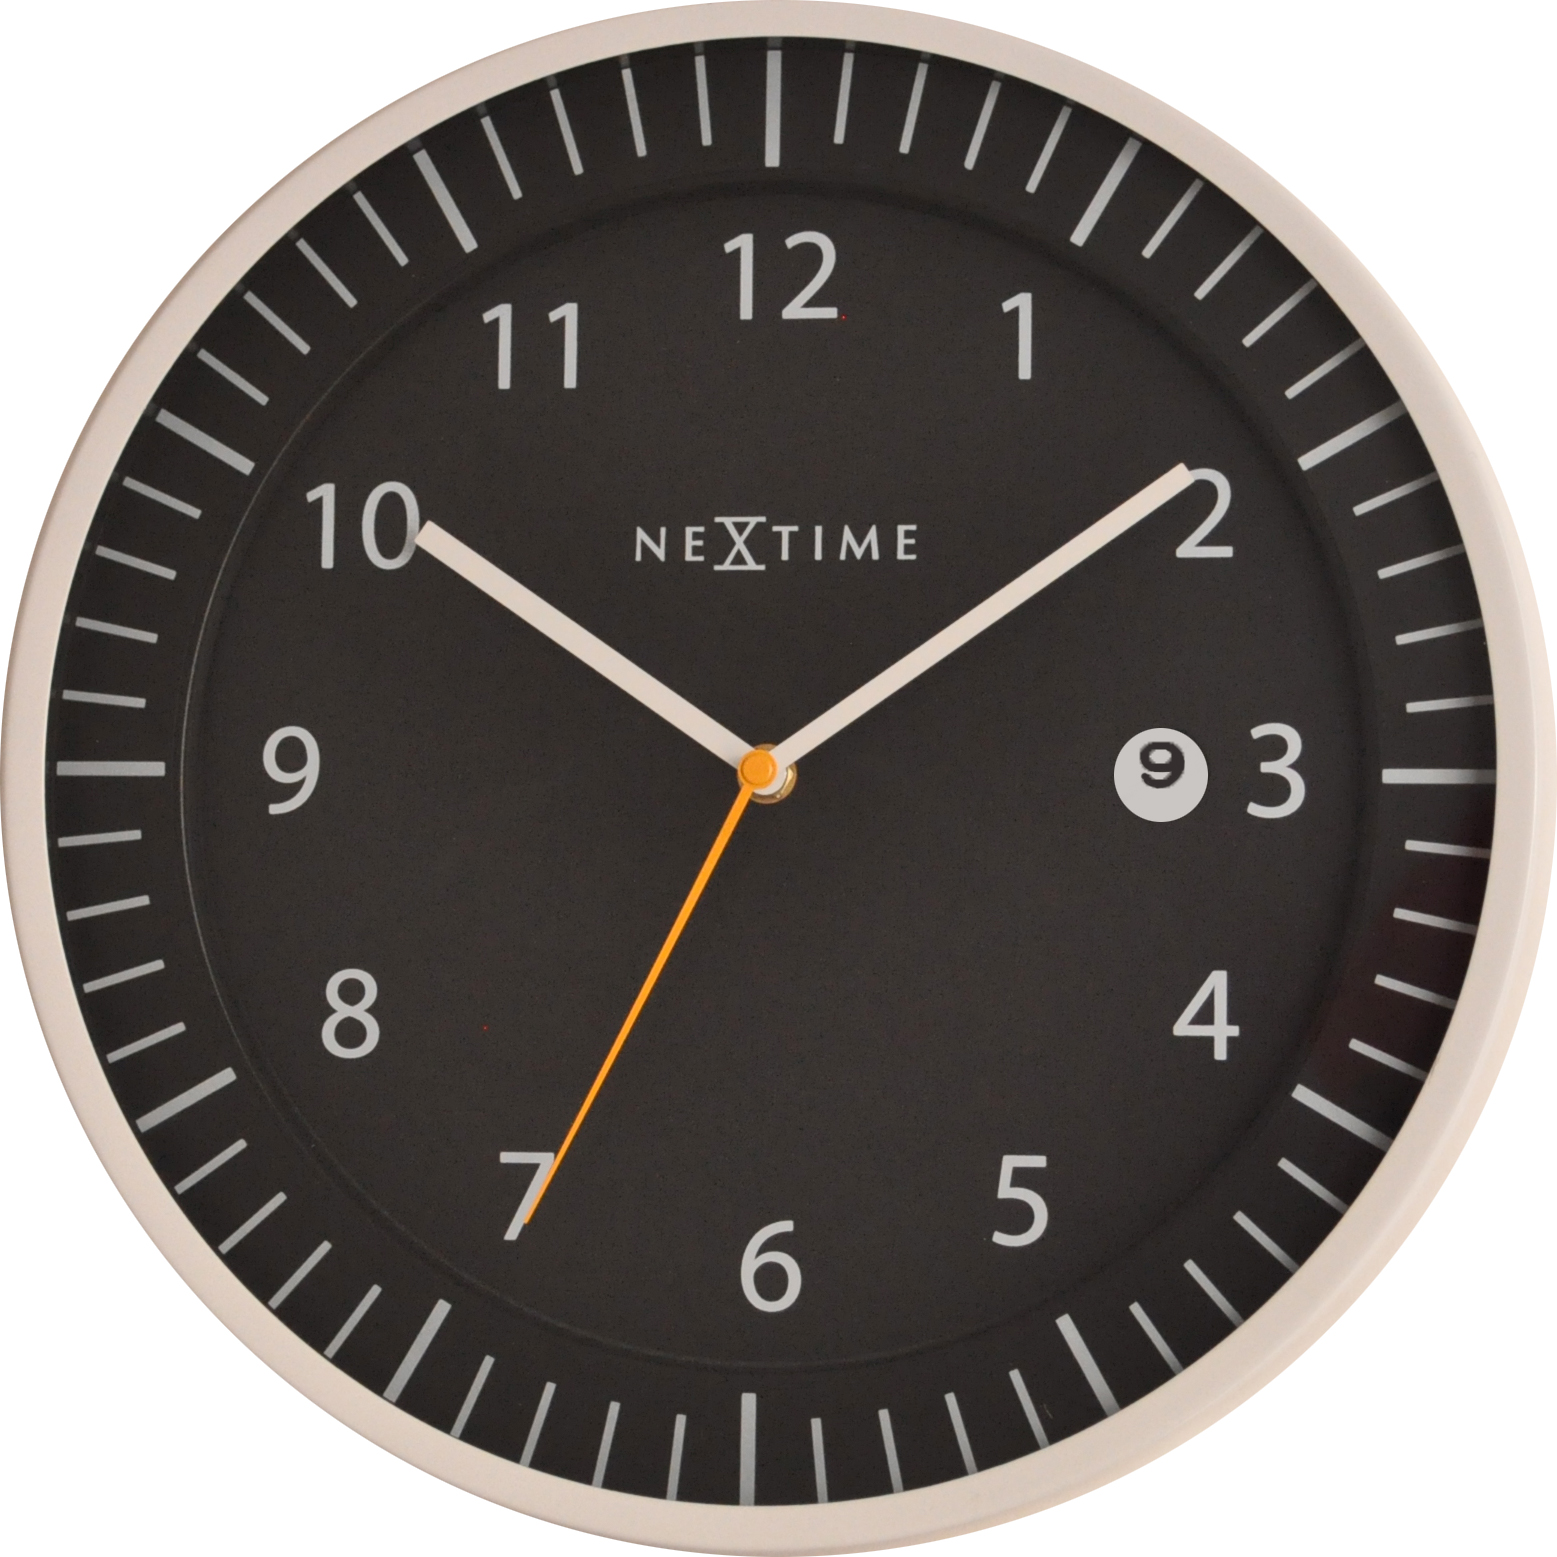 Nástěnné hodiny Quick 35 cm černé - NEXTIME